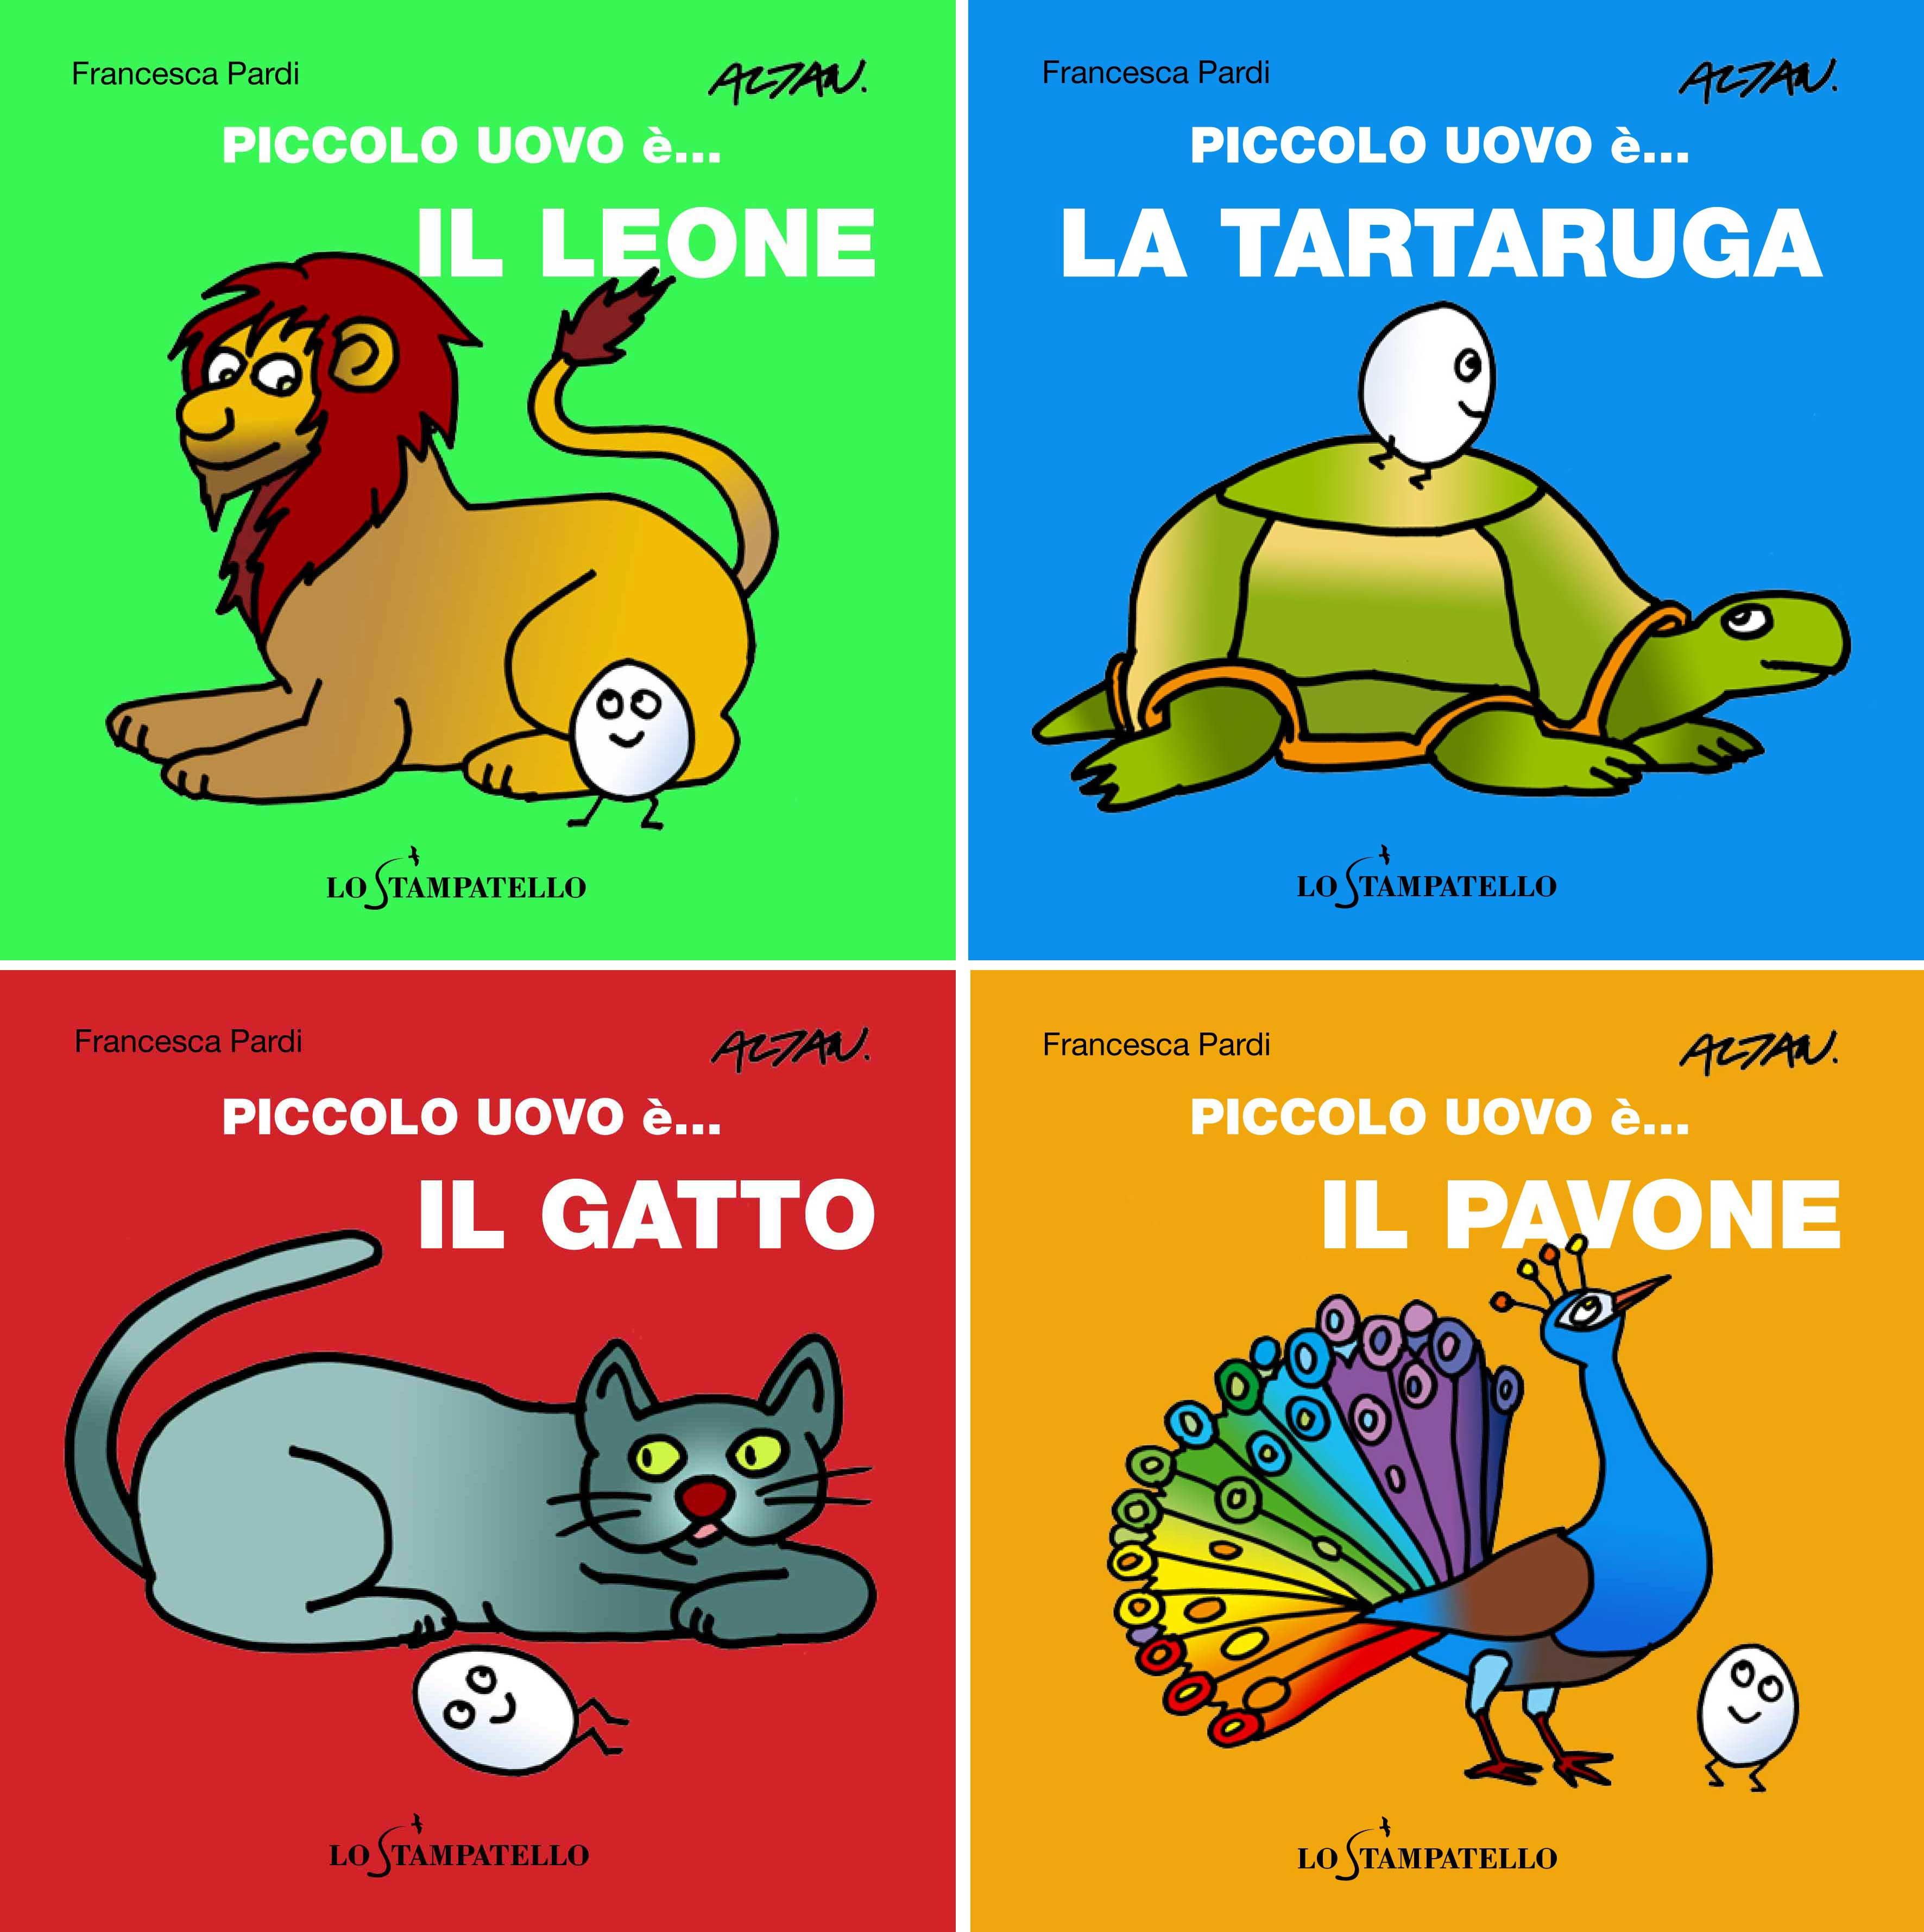 Collana PICCOLO UOVO è... di Francesca Pardi, illustrazioni di Altan